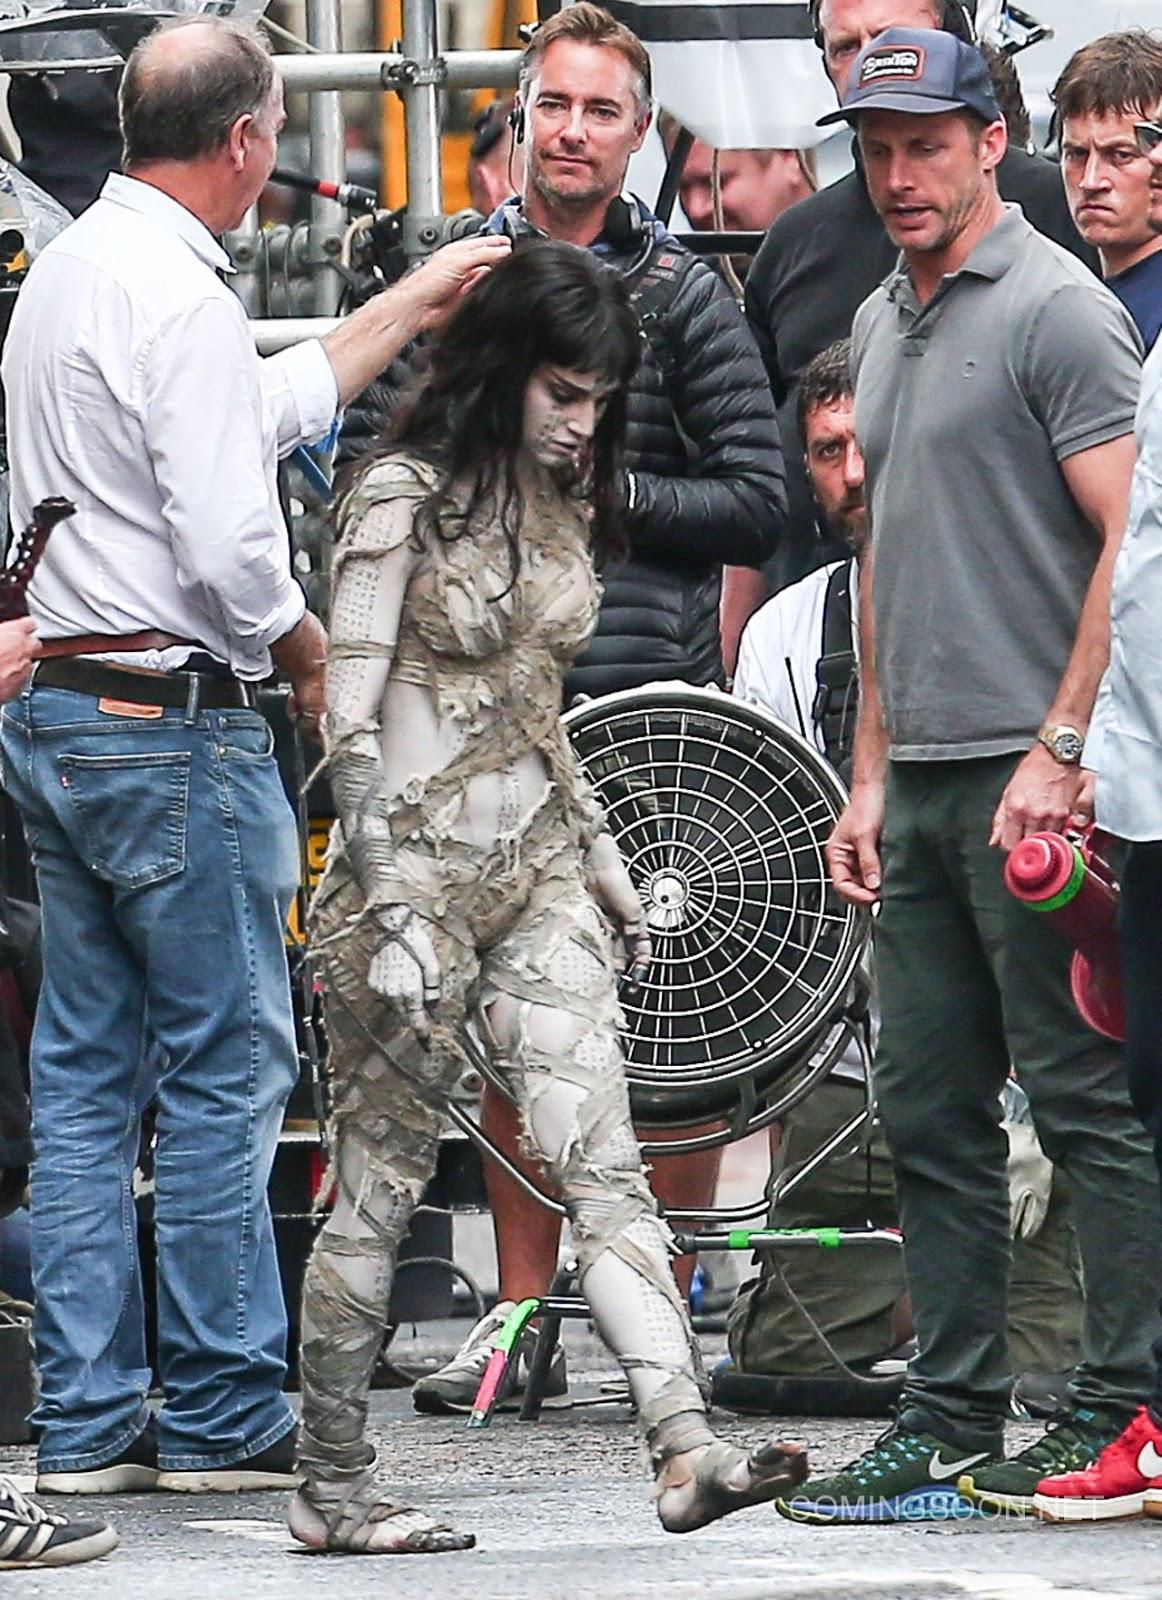 Primeras imágenes de Sofia Boutella en el rodaje de 'The Mummy' ('La momia')